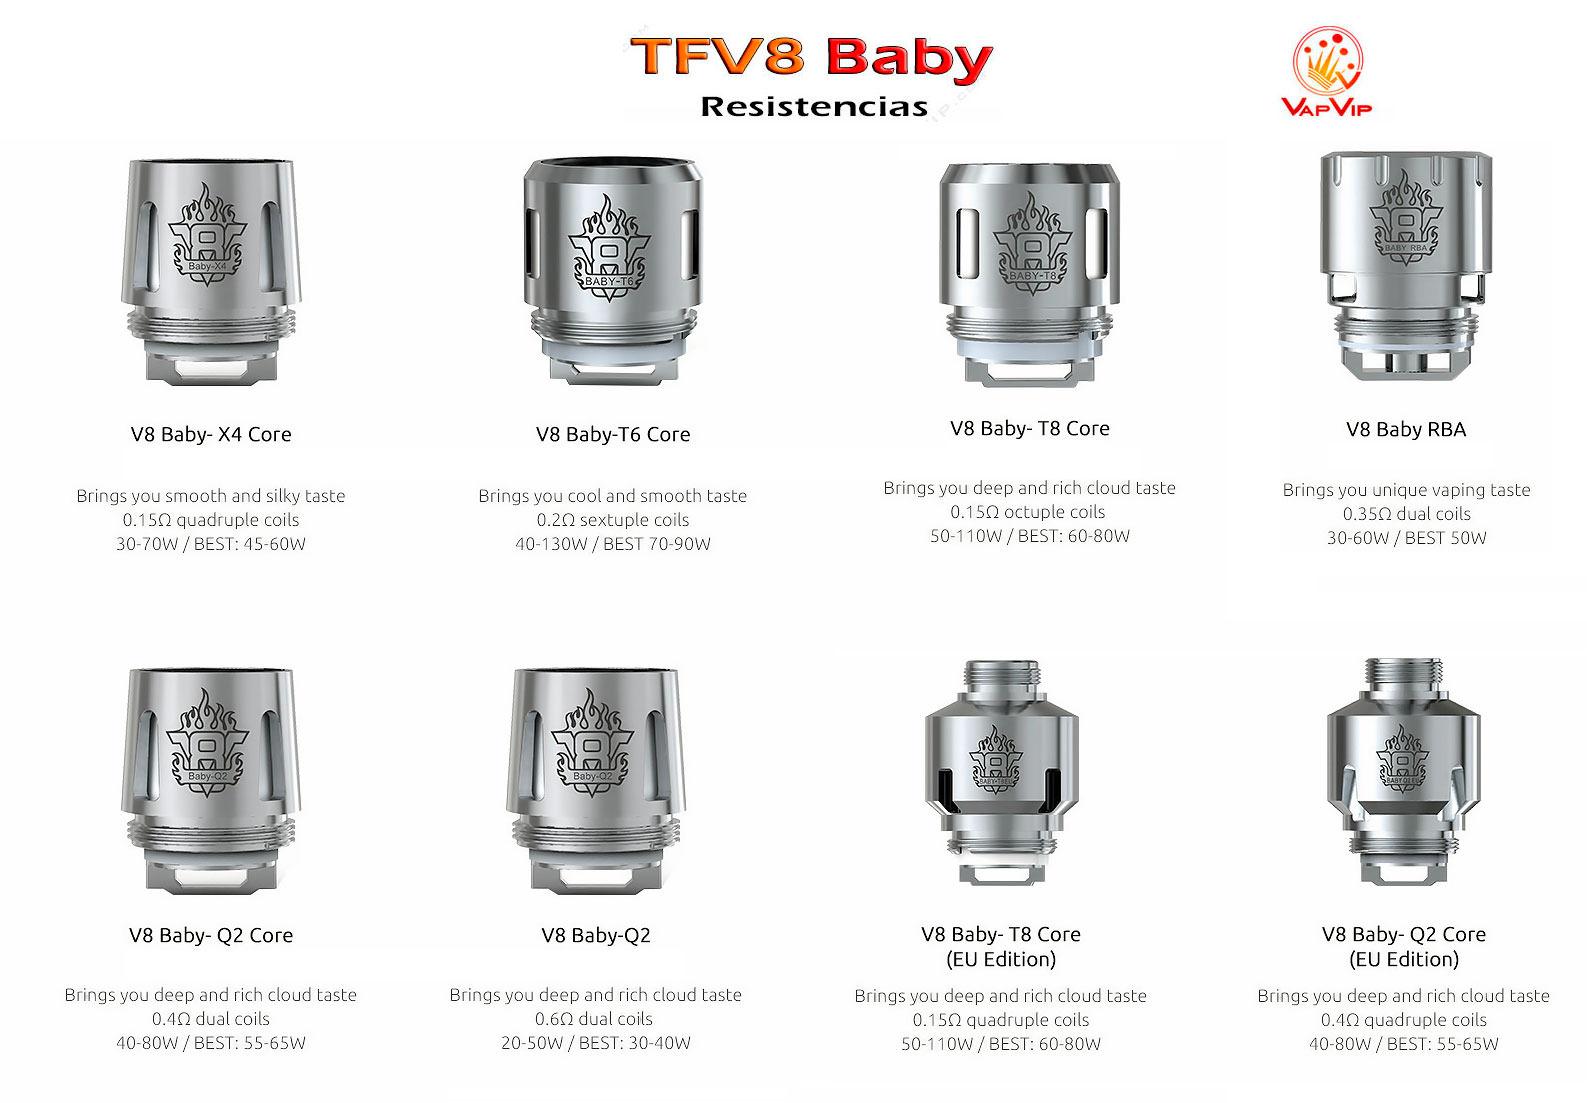 Resistencias TFV8 BABY Coil by Smok